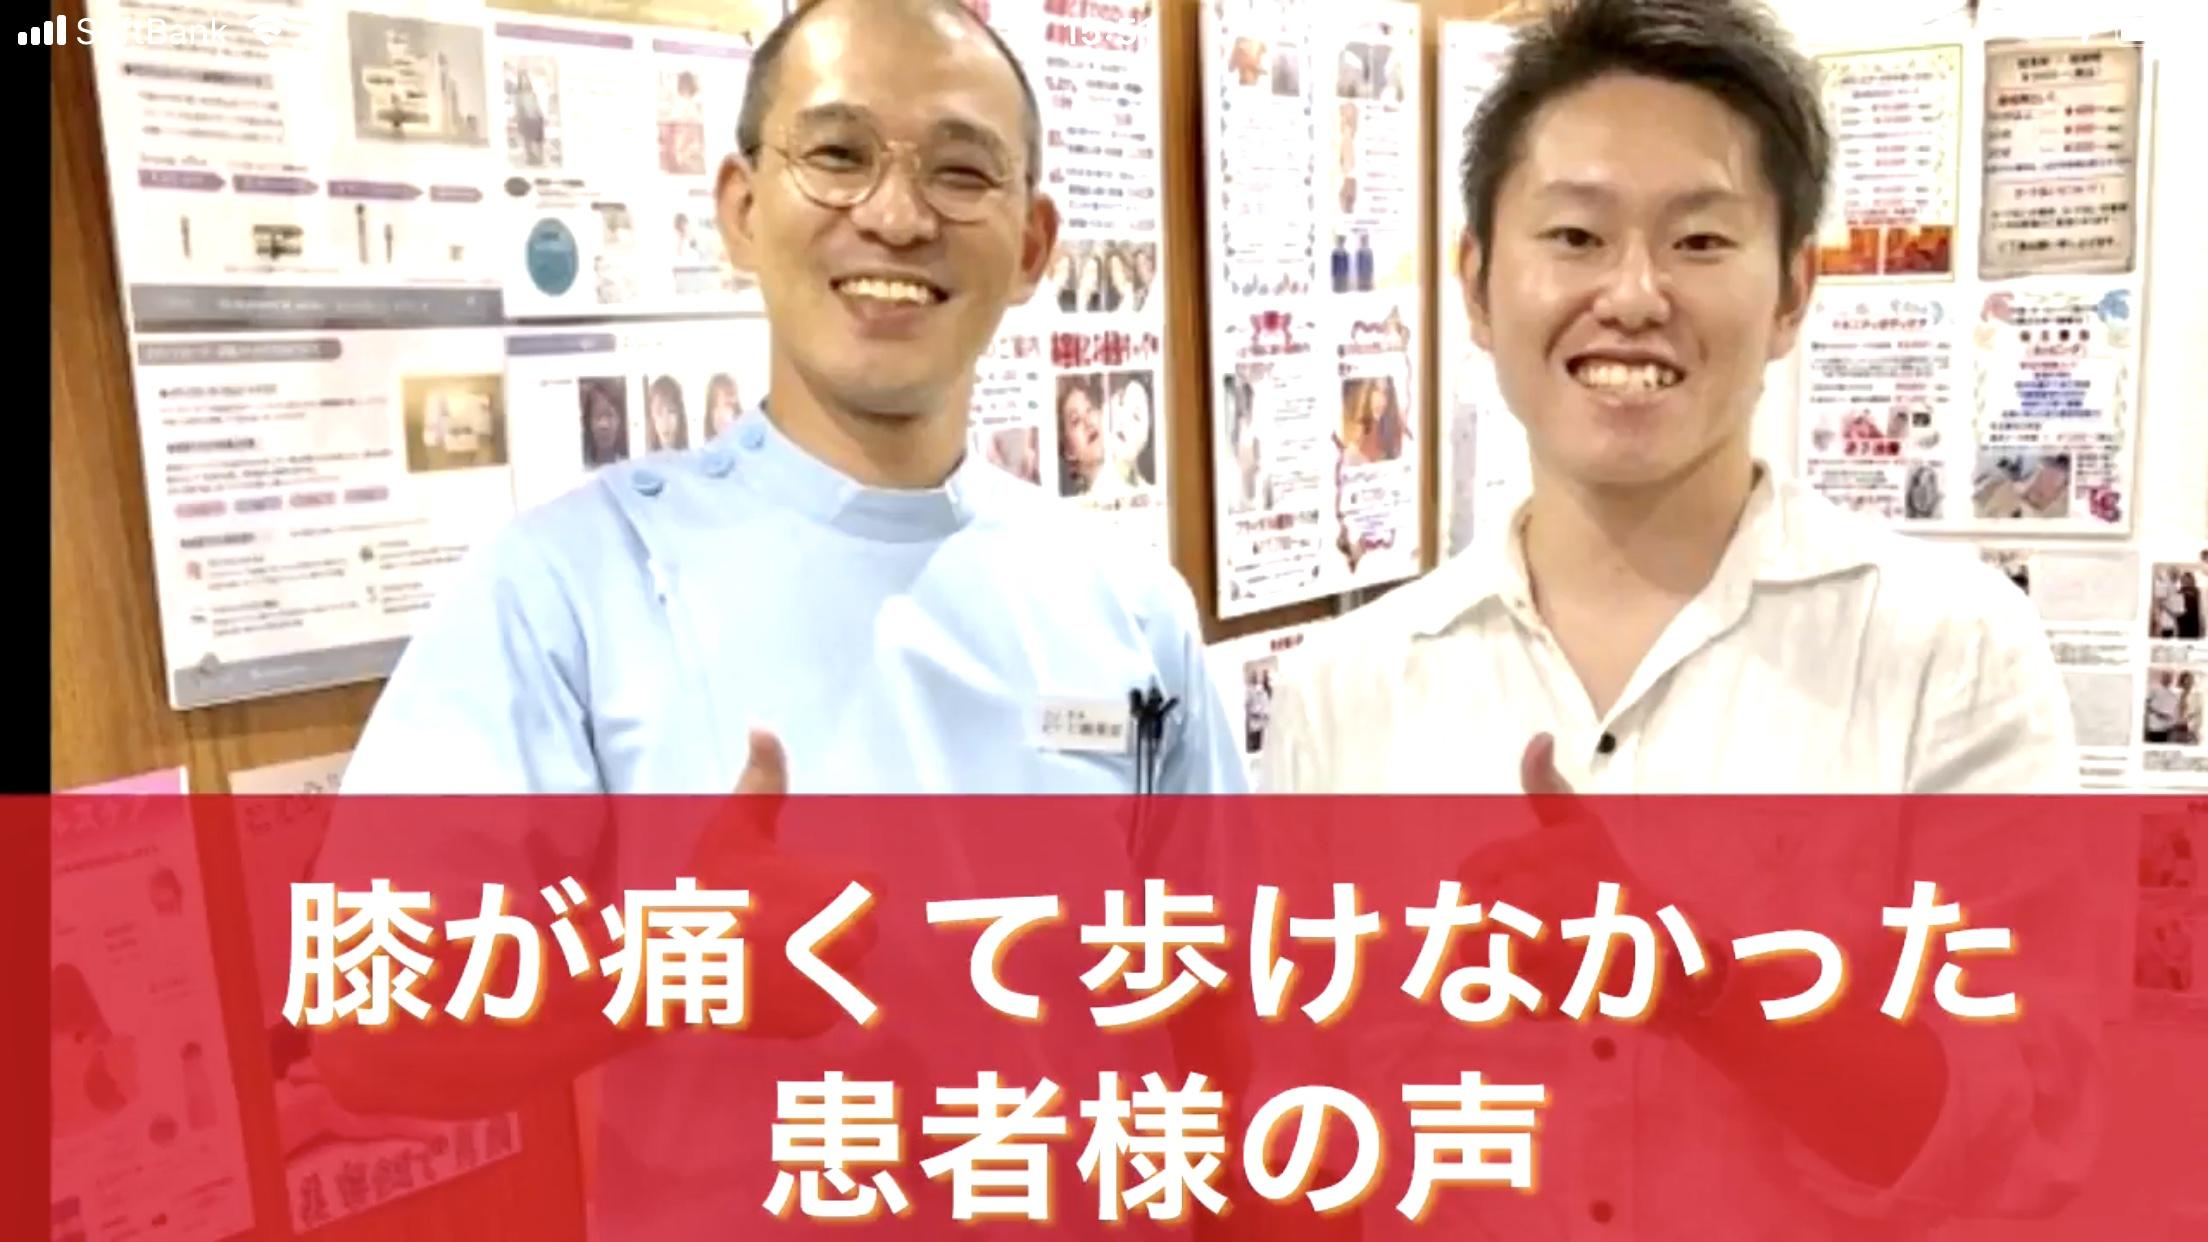 【渋谷区恵比寿】膝の痛みで悩んでいた患者様.jpg